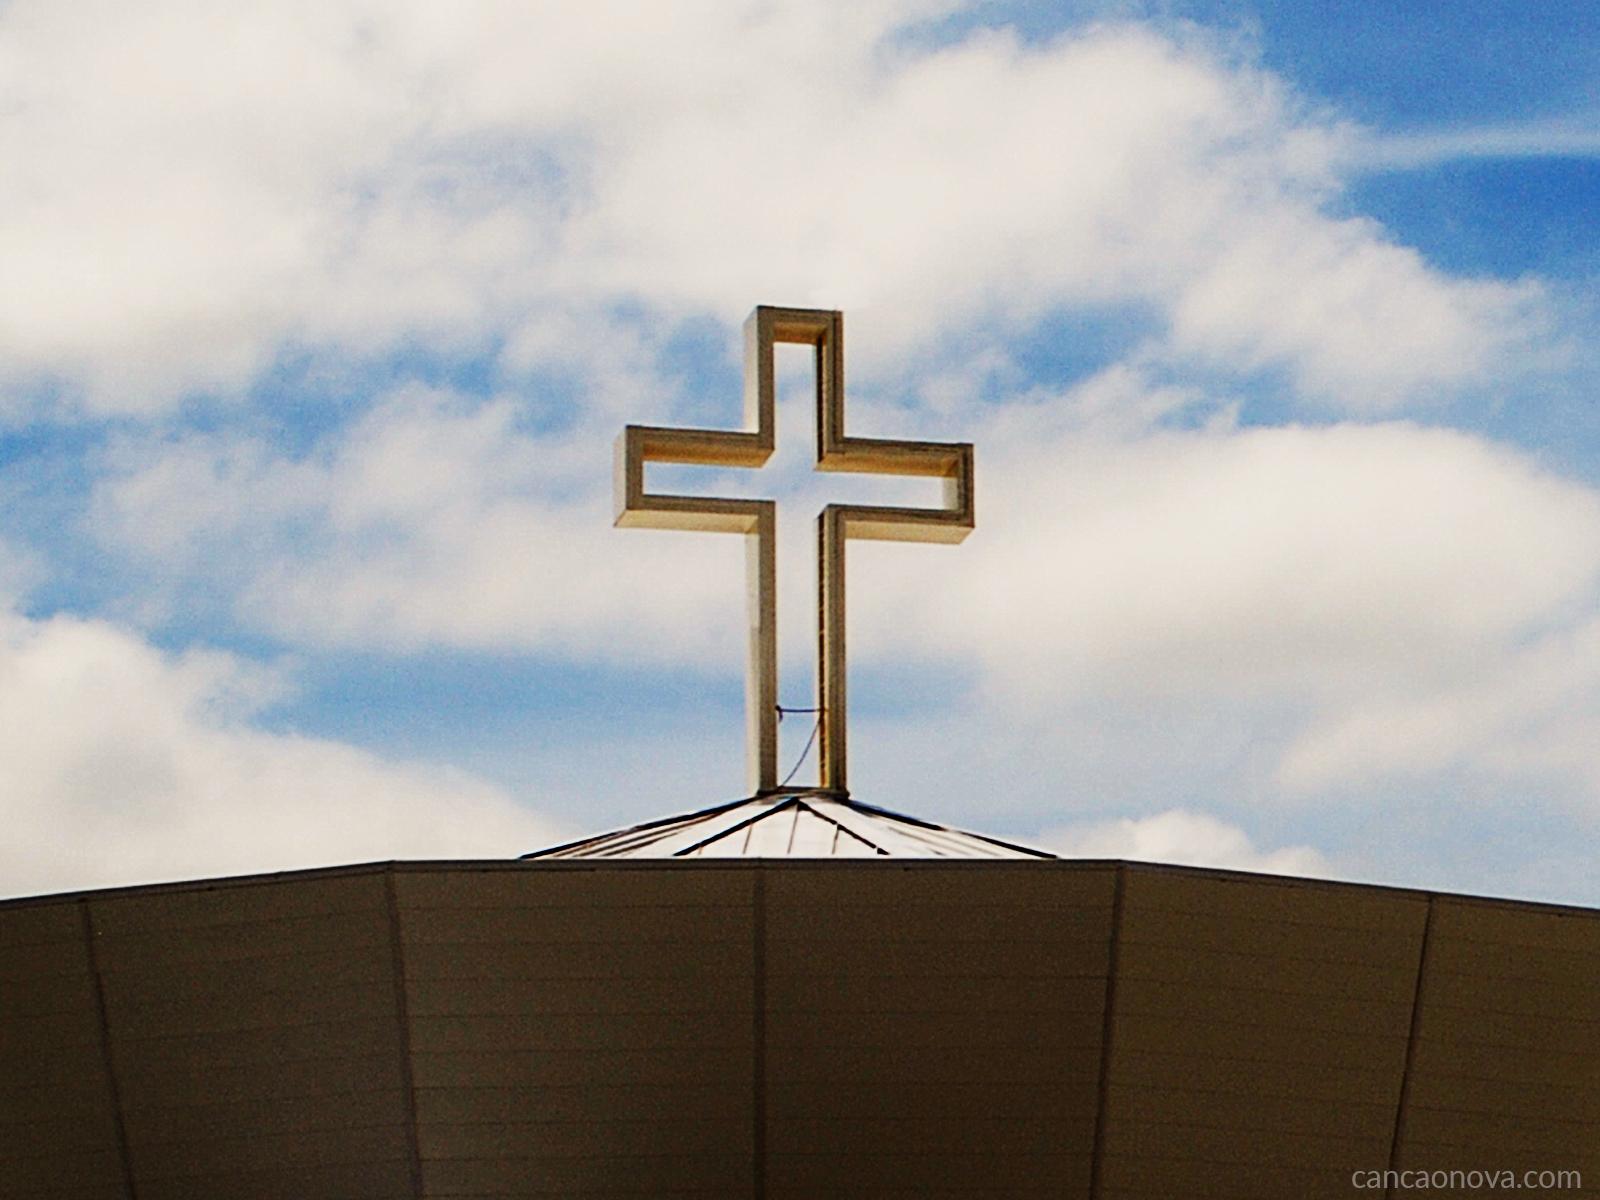 A cruz permanece firme enquanto o mundo gira